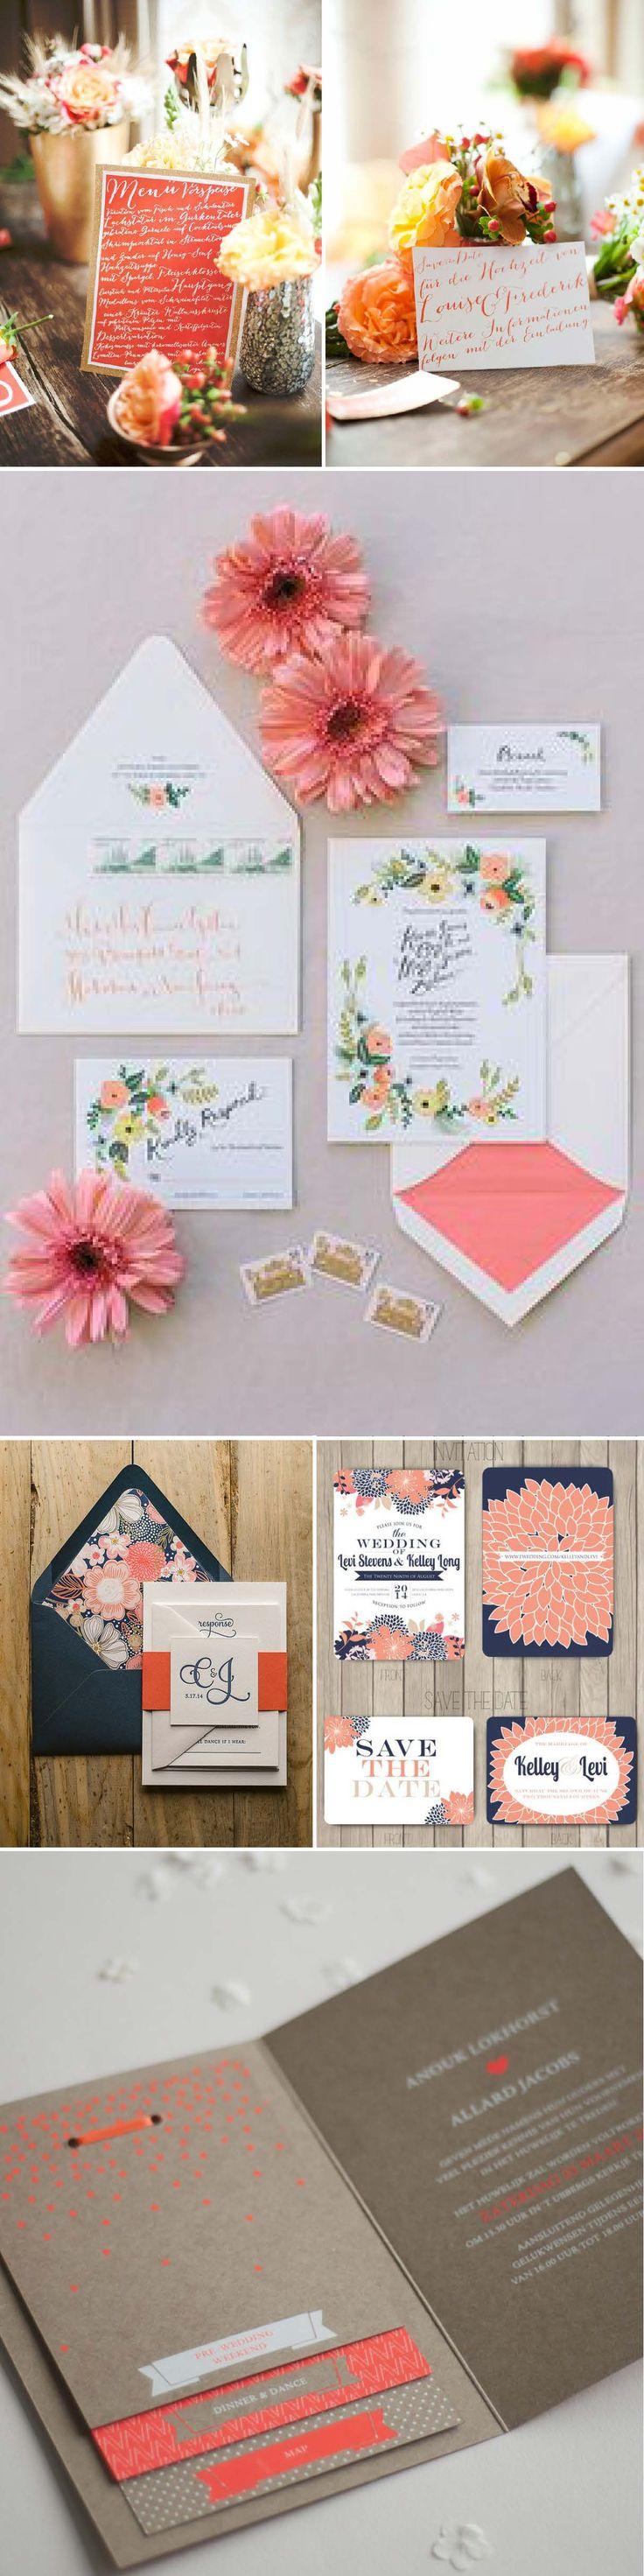 liebelein-will, Hochzeitsblog - Koralle, Farben, Hochzeit, Papeterie